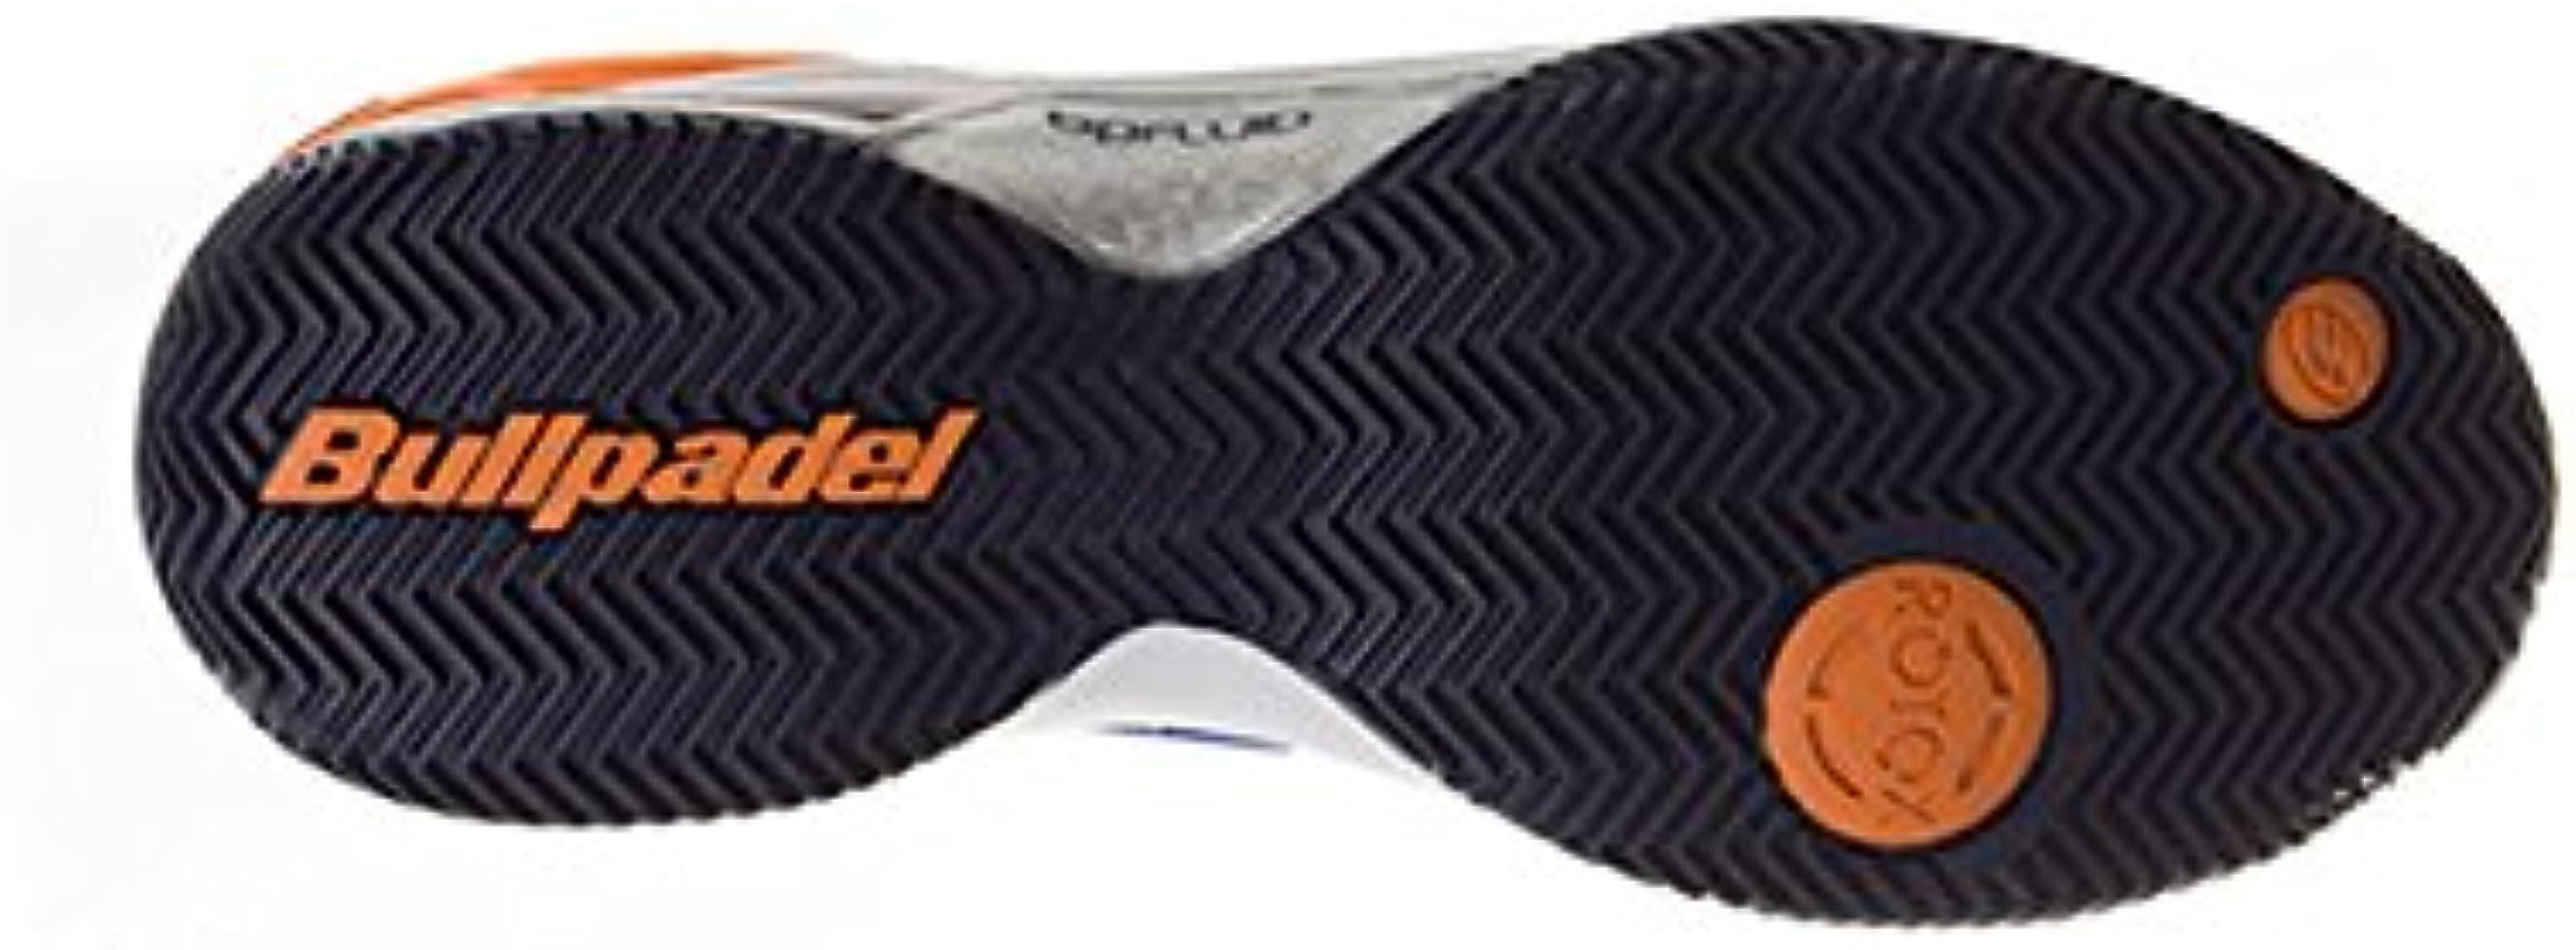 Zapatillas de pádel de Hombre Beter Real Bullpadel: Amazon.es ...